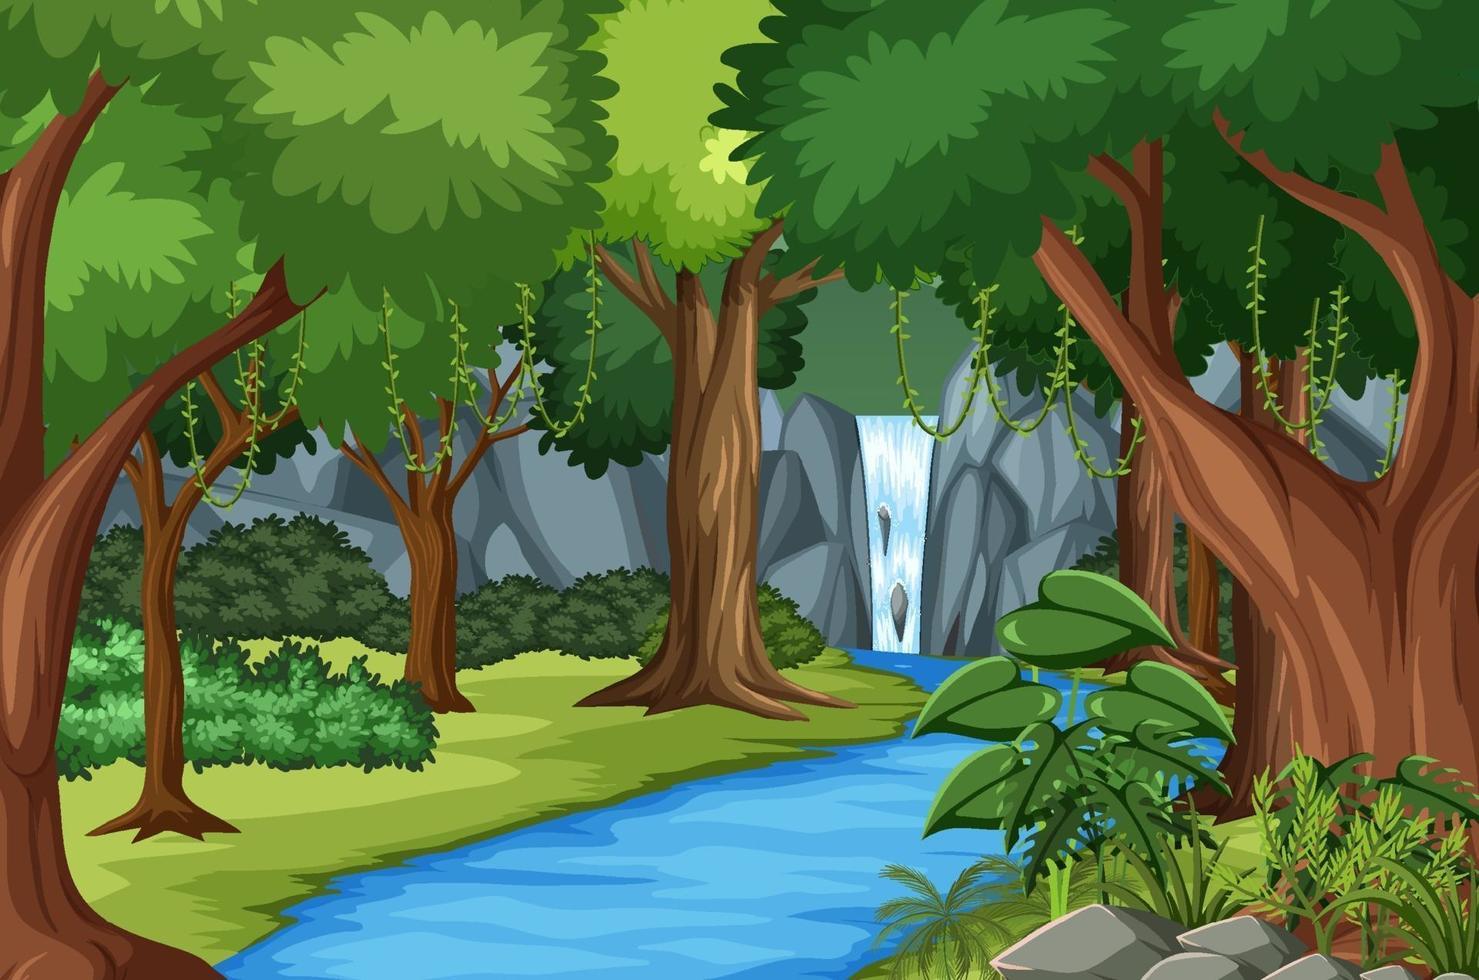 Waldszene mit Fluss und vielen Bäumen vektor